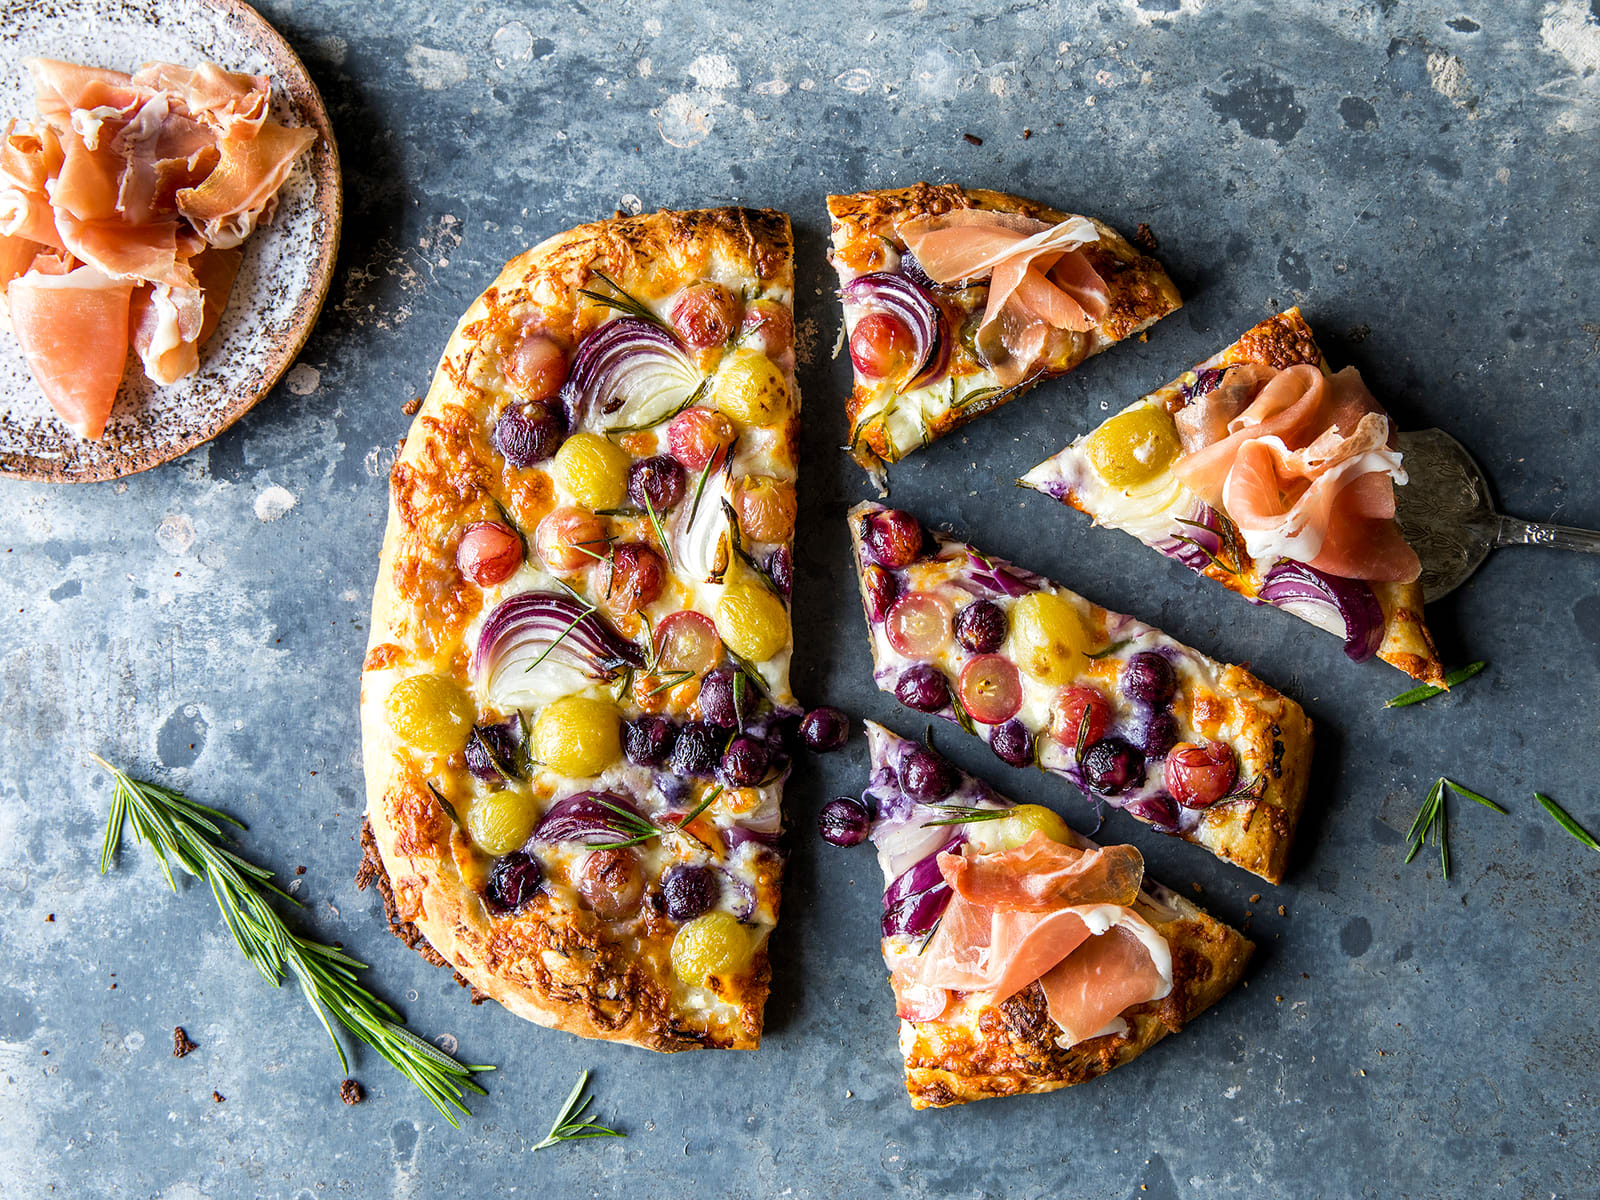 Hvit pizza med druer og spekeskinke